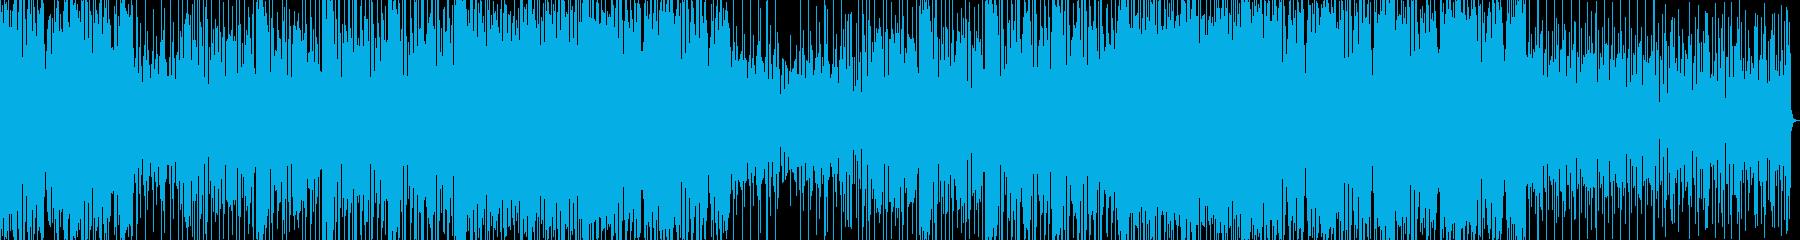 疾走感のあるストリングステクノのんの再生済みの波形